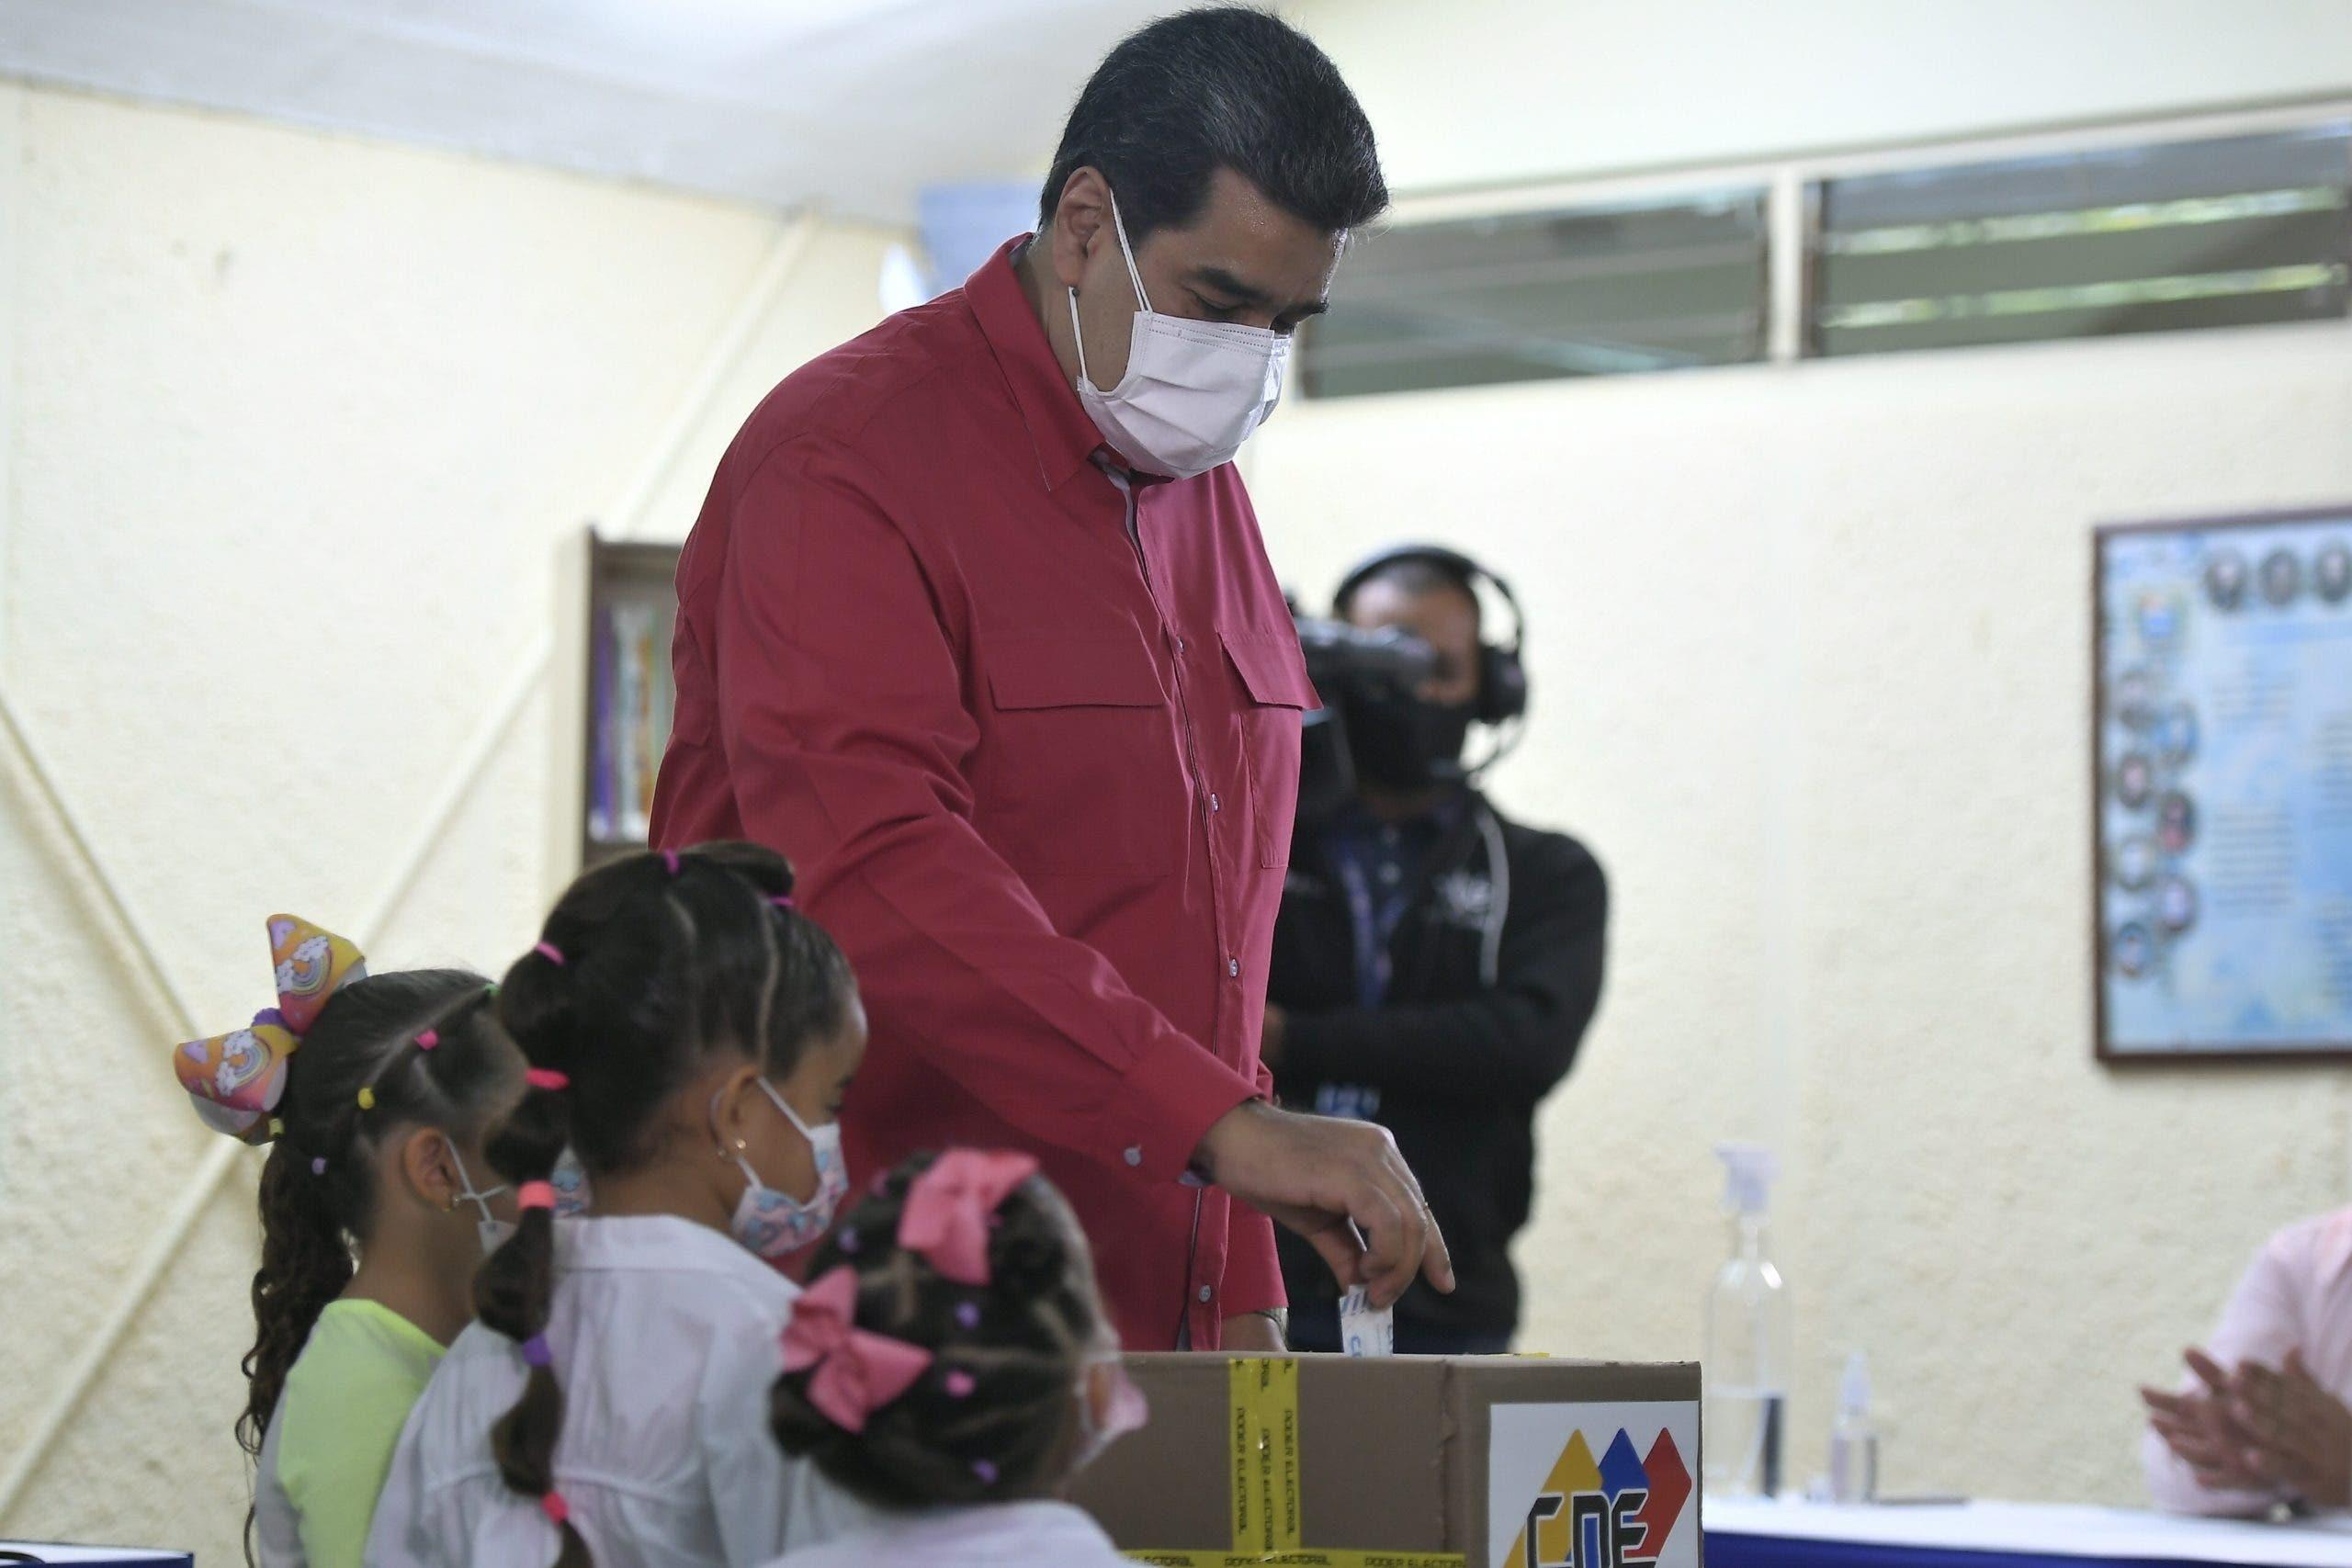 El chavismo elige a sus candidatos para las elecciones locales y regionales